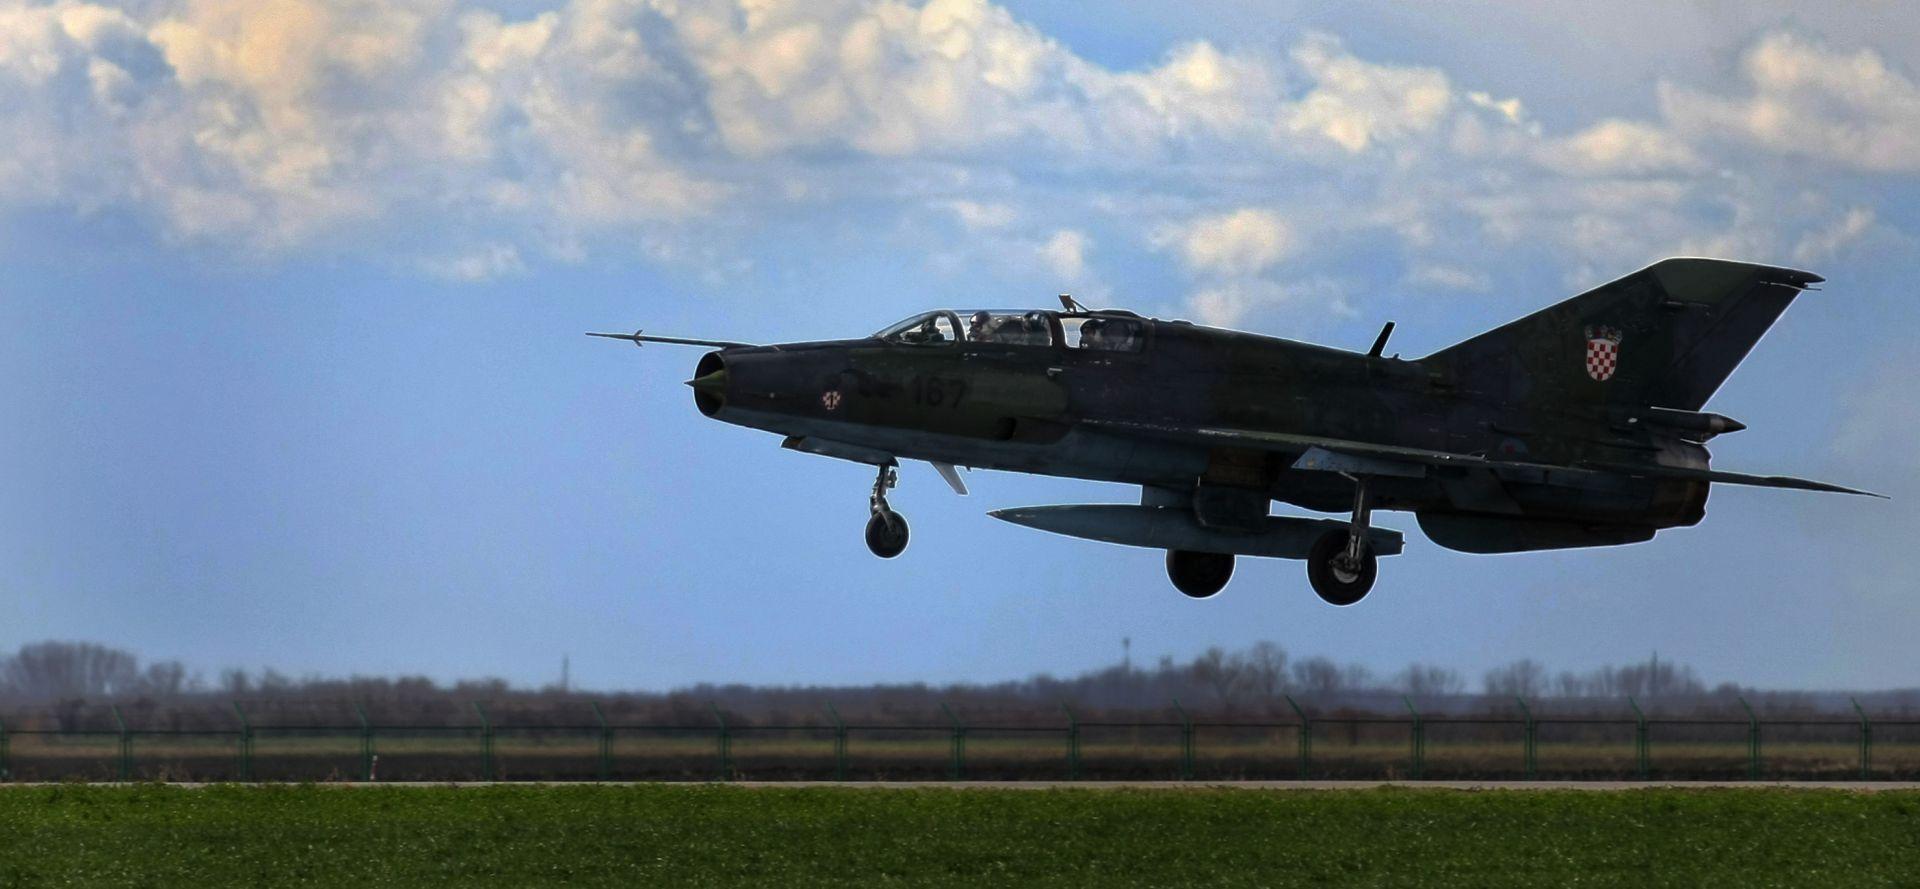 MORH Još nije donijeta konačna odluka o budućnosti borbenog zrakoplovstva